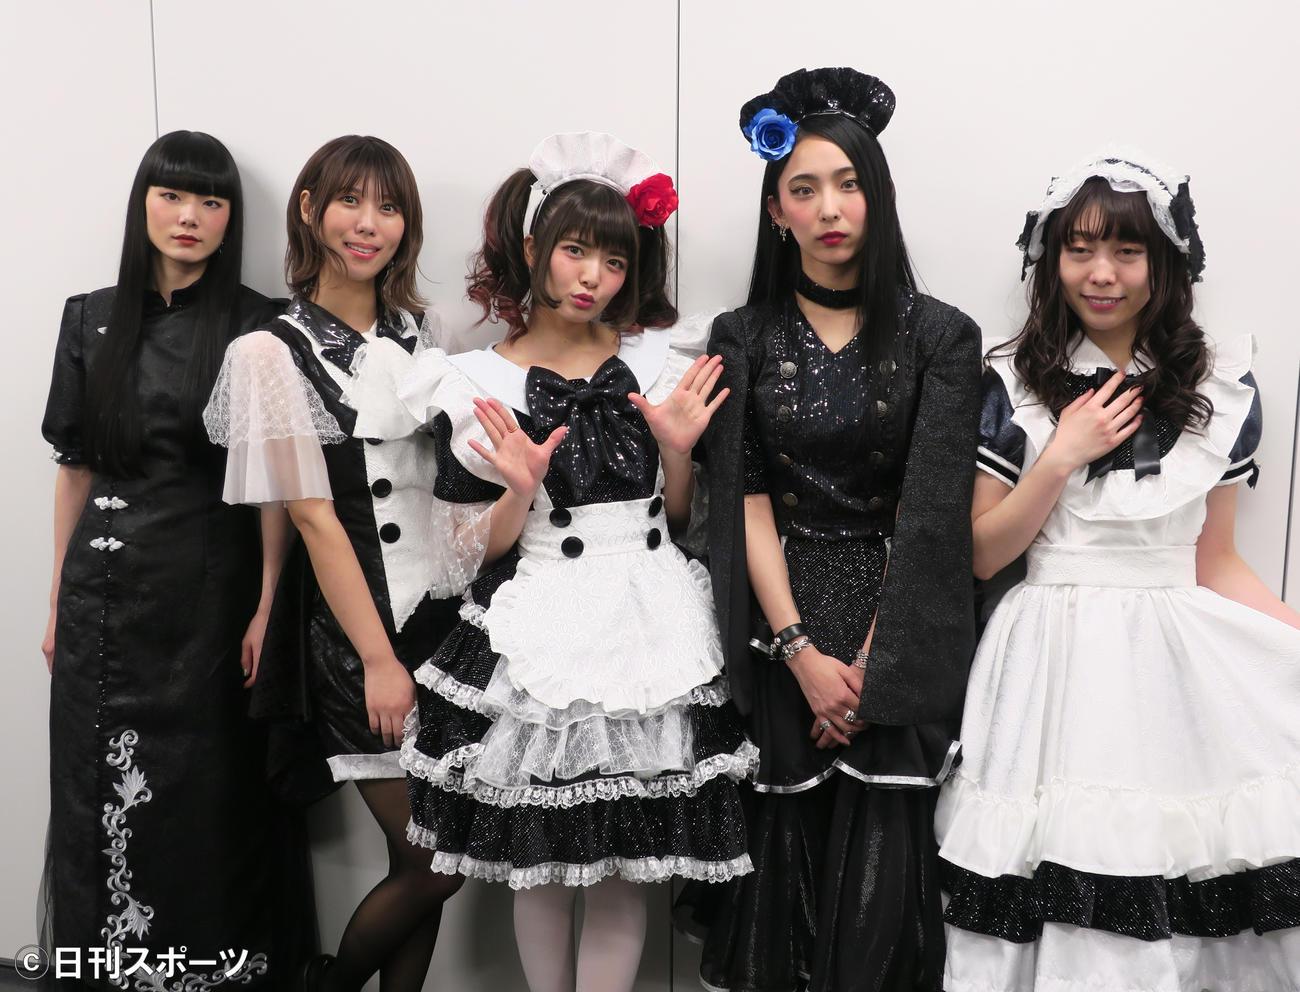 全国ツアー最終公演を行ったBAND-MAID。左からMISA、AKANE、小鳩ミク、SAIKI、KANAMI